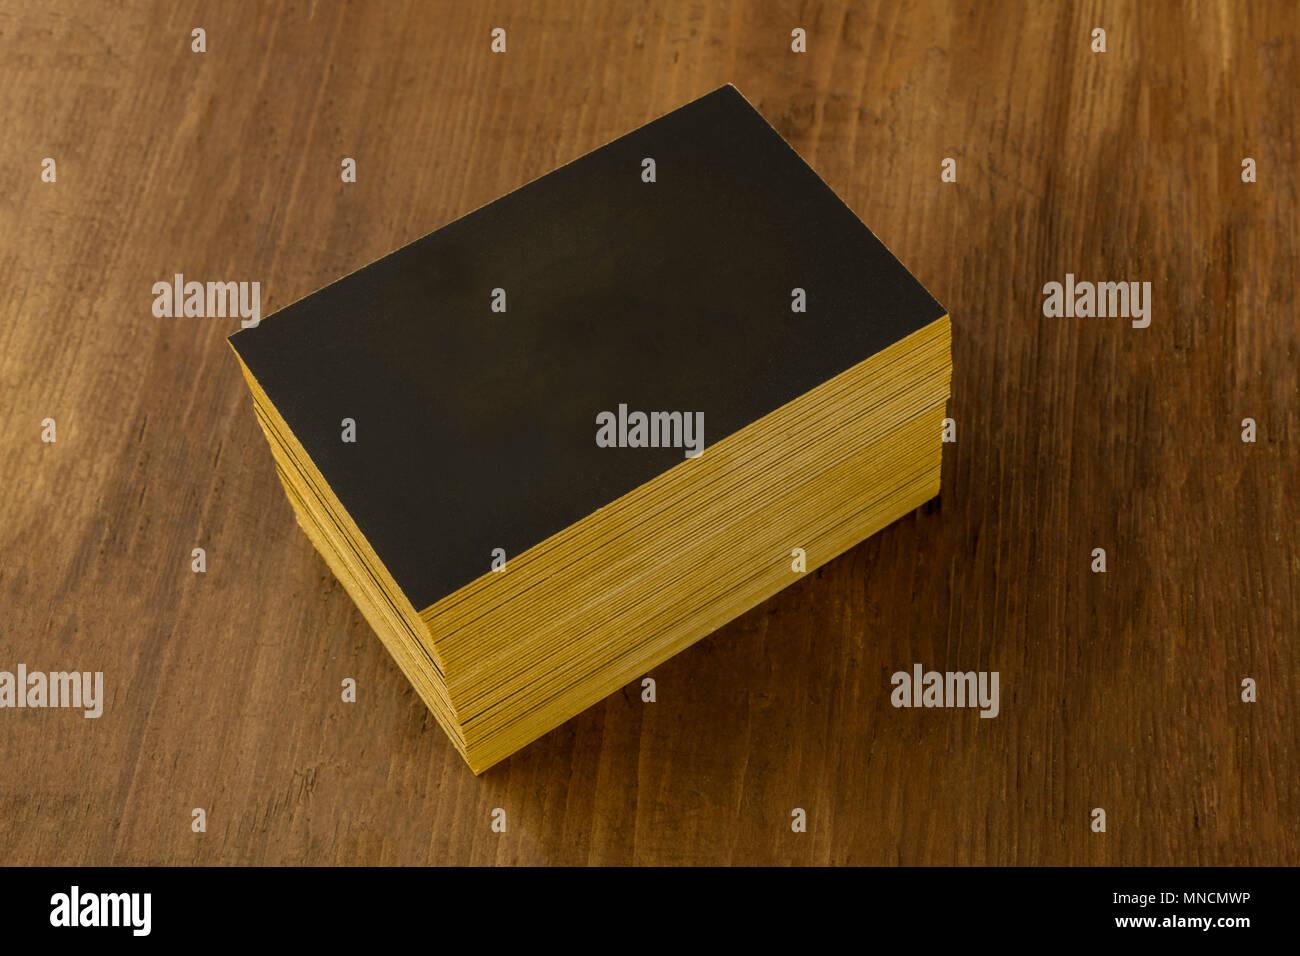 Ein Modell Für Einen Stapel Von Schwarzen Visitenkarten Mit